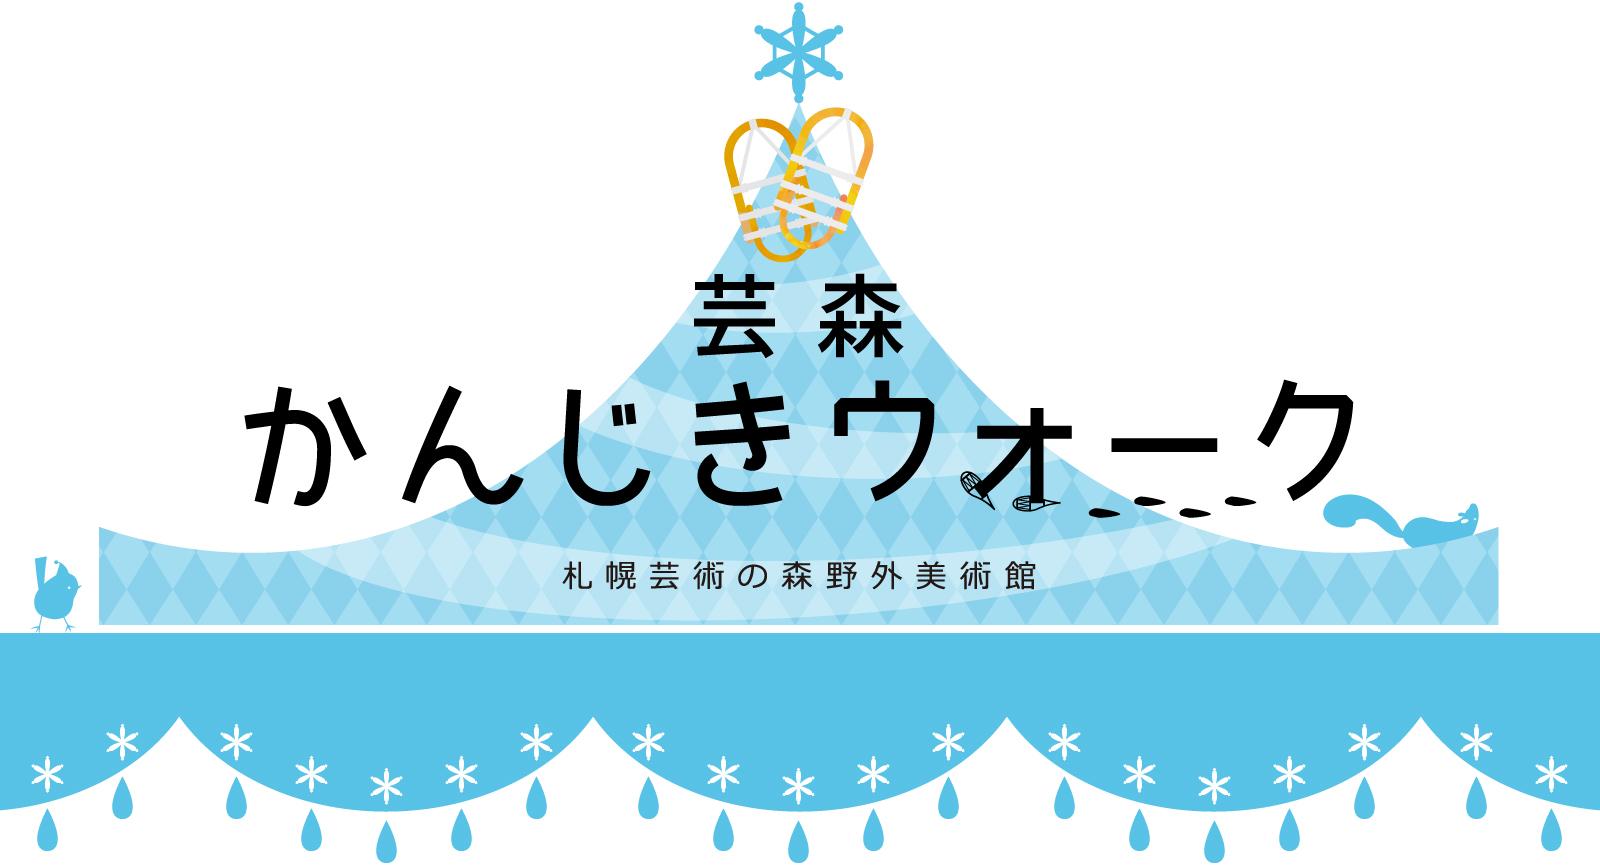 芸森かんじきウォーク2021